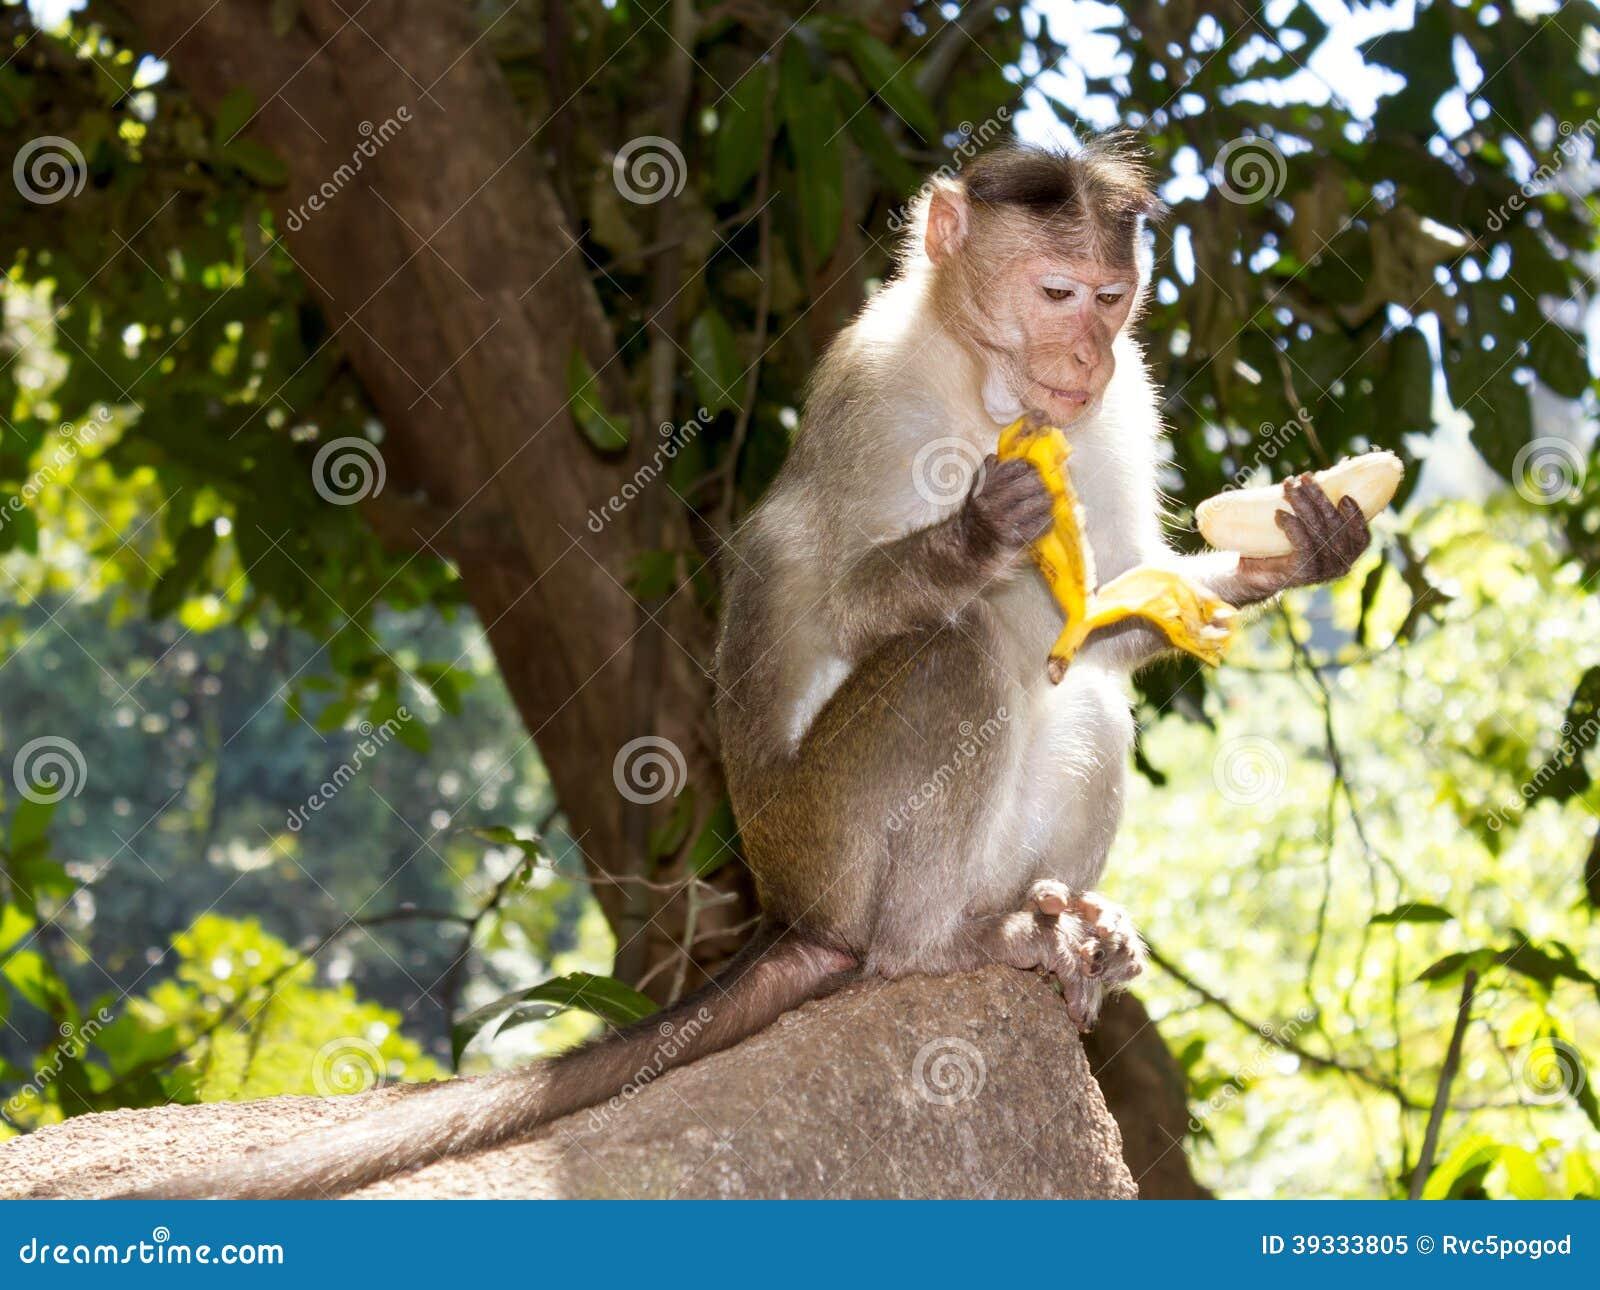 Monkey eating a banana, Goa, India